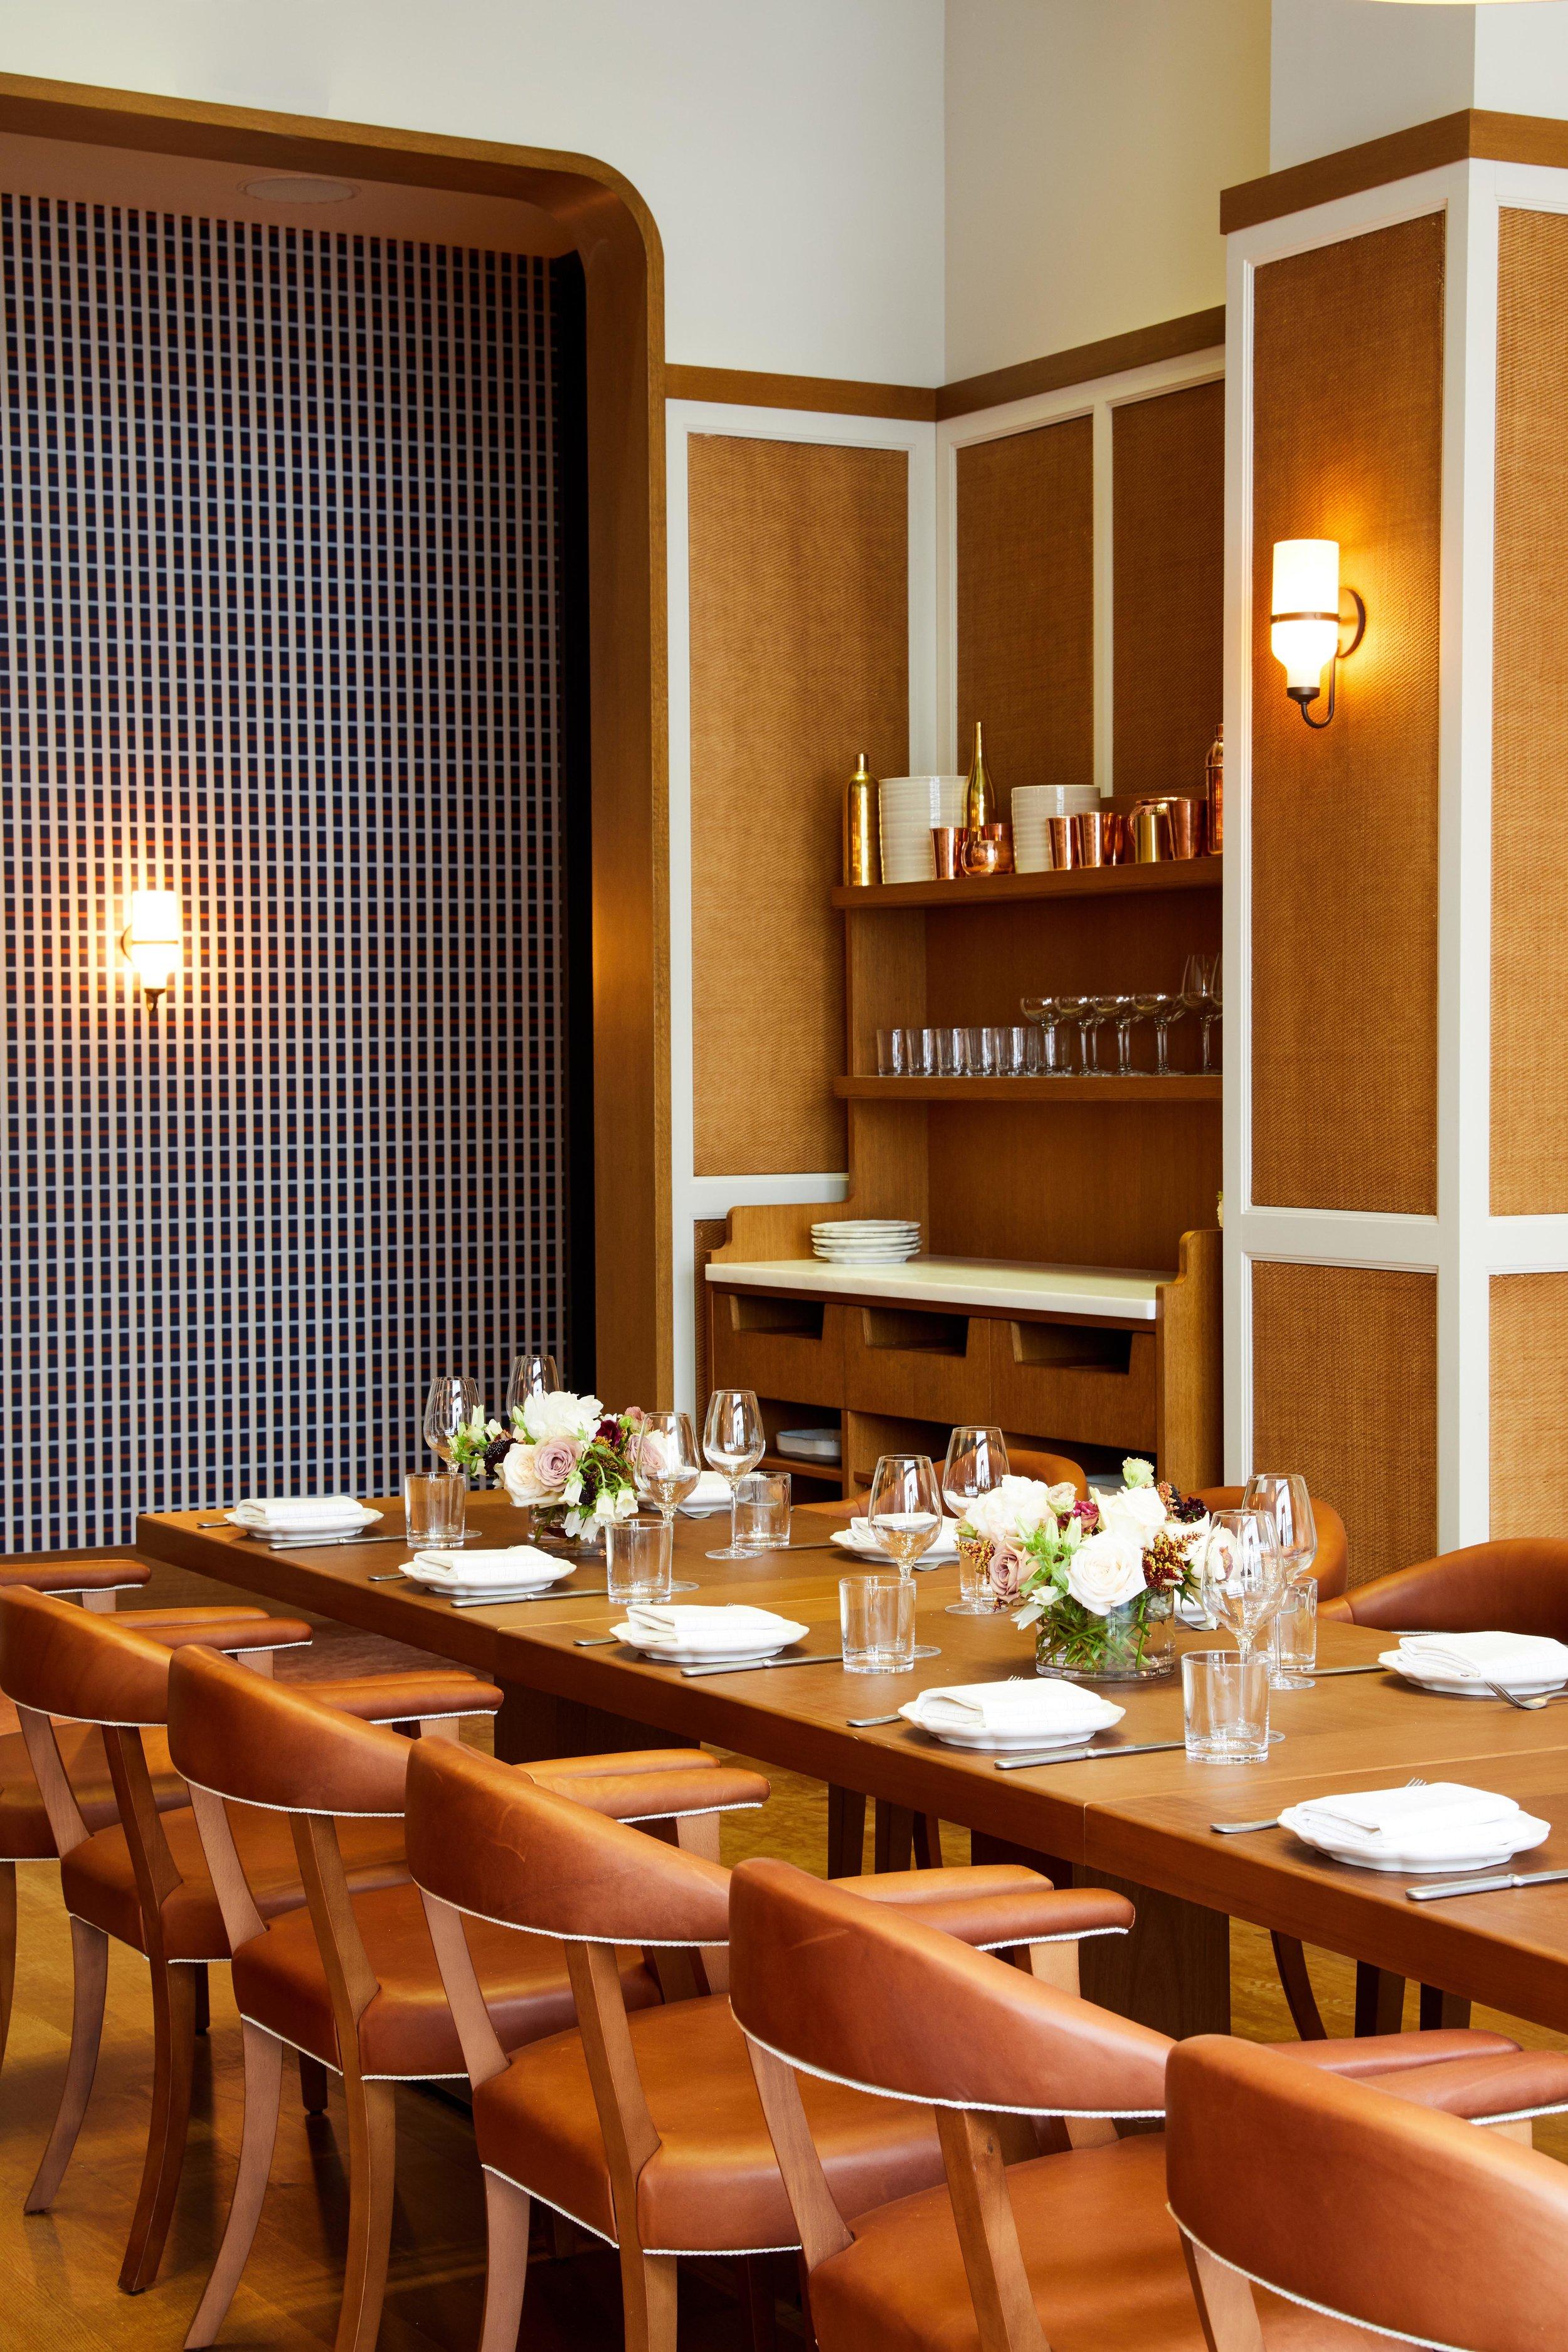 Shinola_San_Morello_Restaurant_PDR_031 copy.jpg